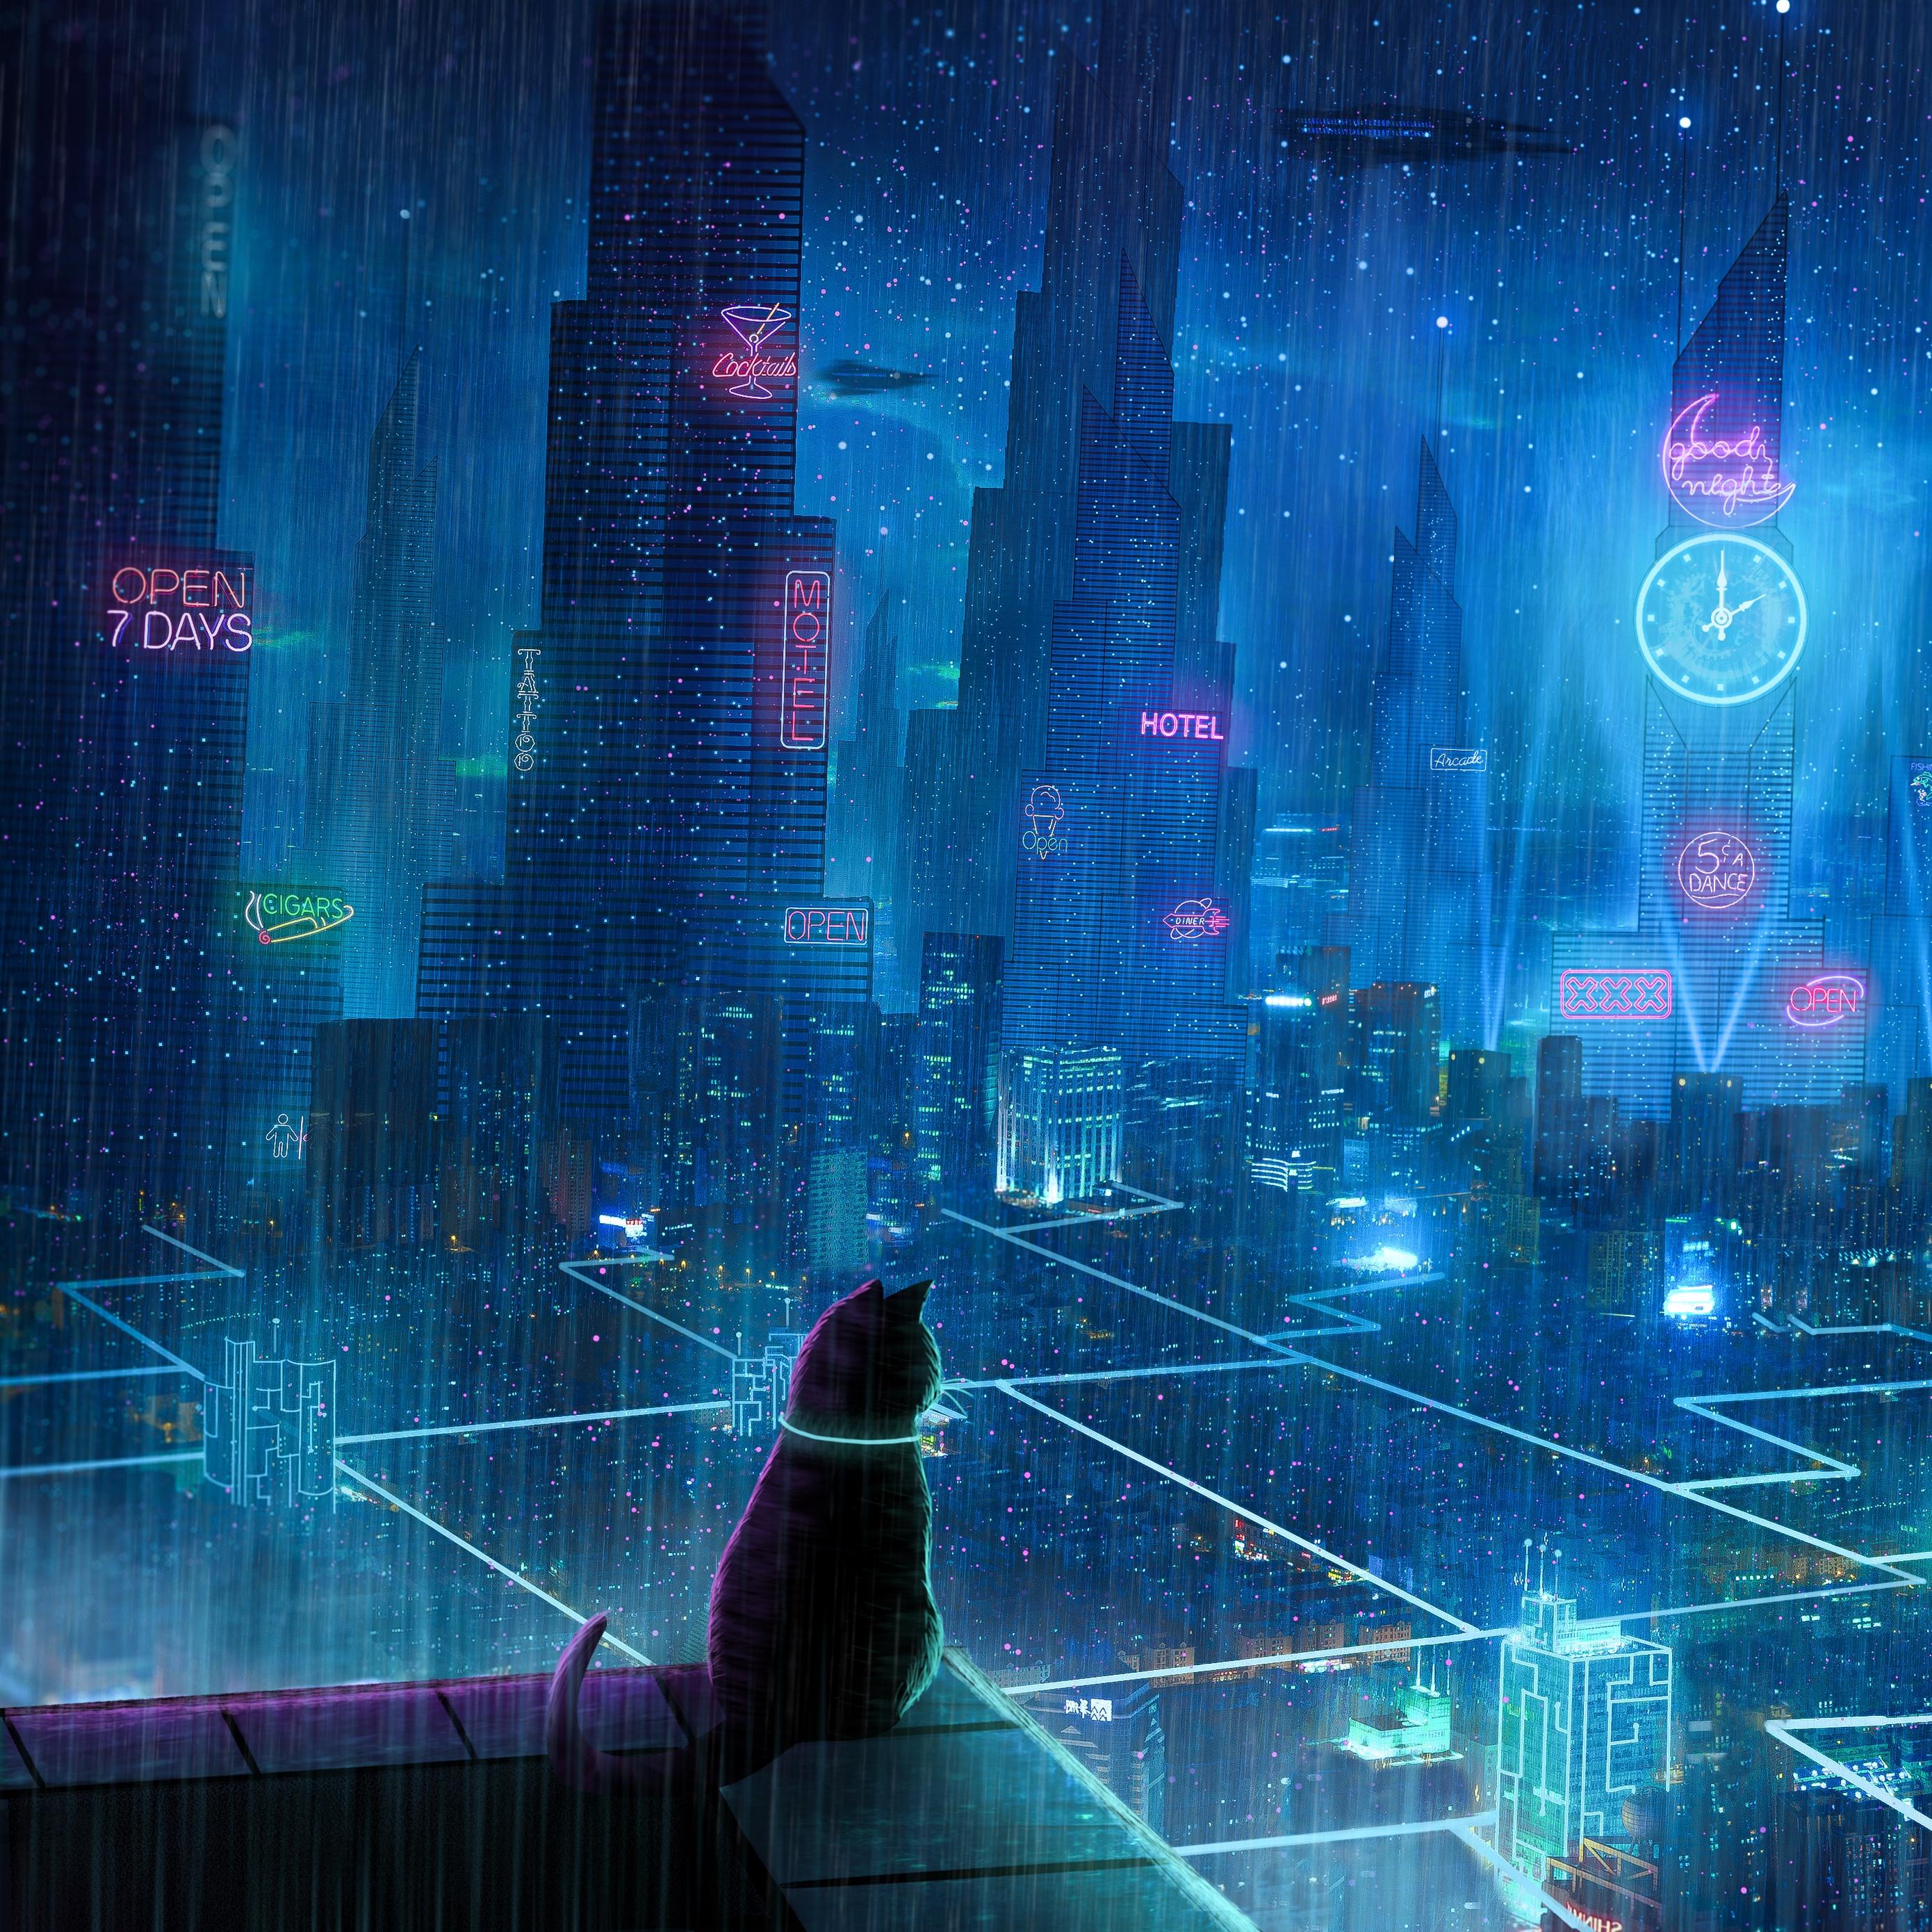 Download wallpaper 2780x2780 cat roof city neon lights 2780x2780